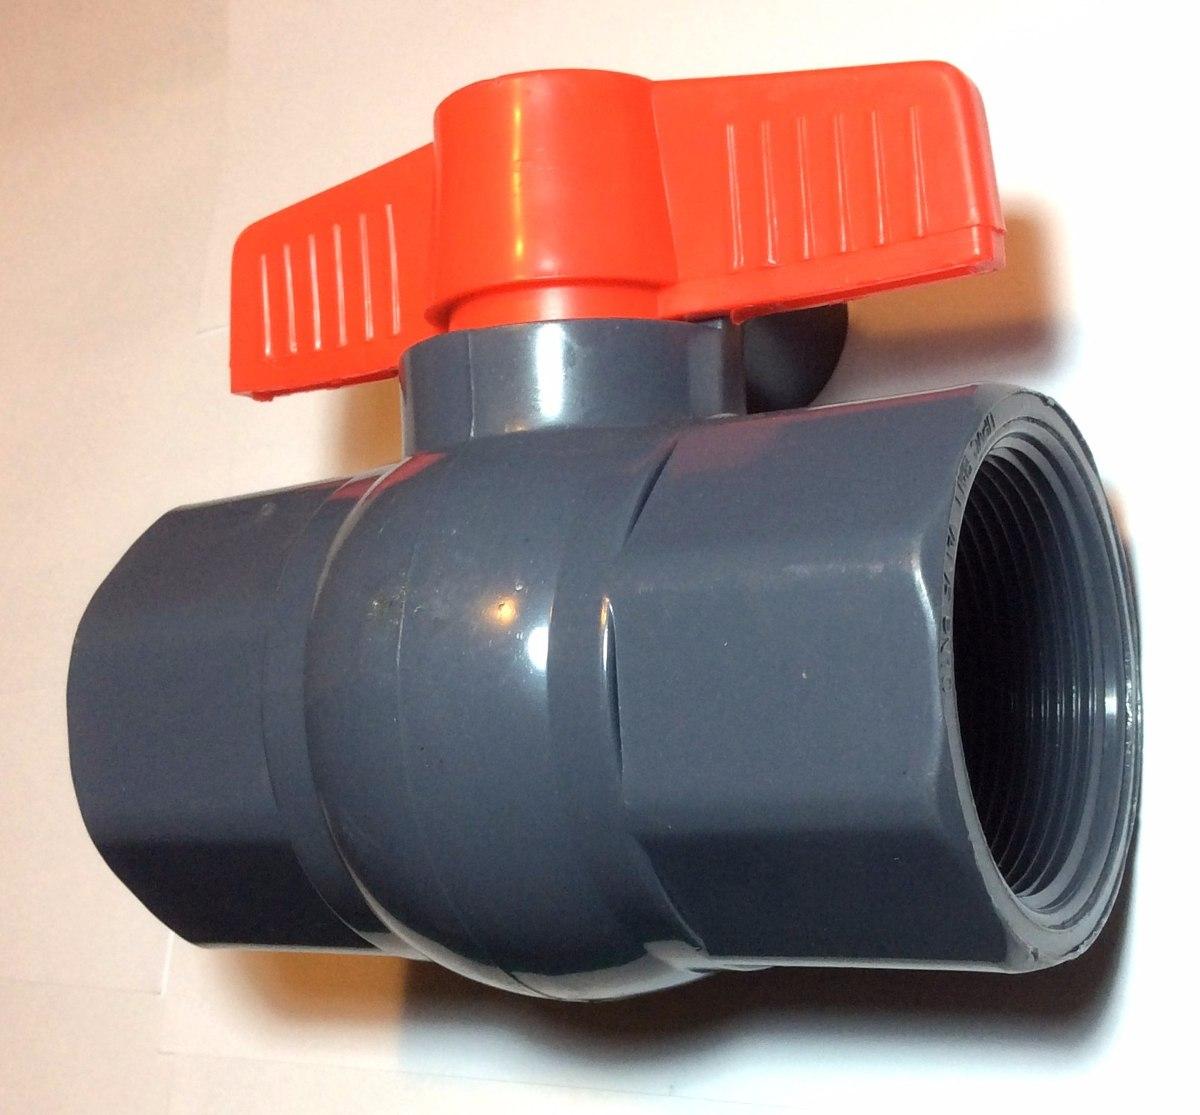 Llave de paso pvc plastica 1 2 pulgada con rosca bs 93 for Radiador pierde agua por llave